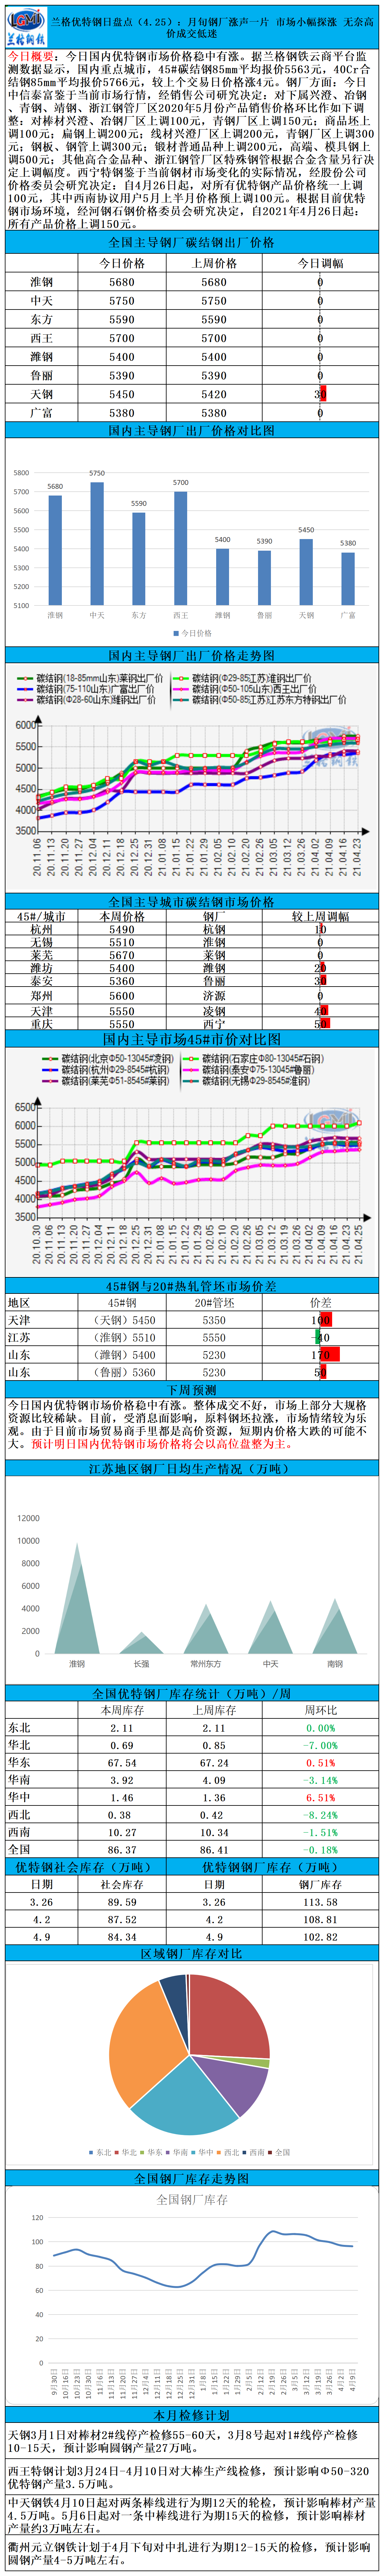 兰格优特钢日盘点(4.25):月旬钢厂涨声一片 市场小幅探涨 无奈高价成交低迷